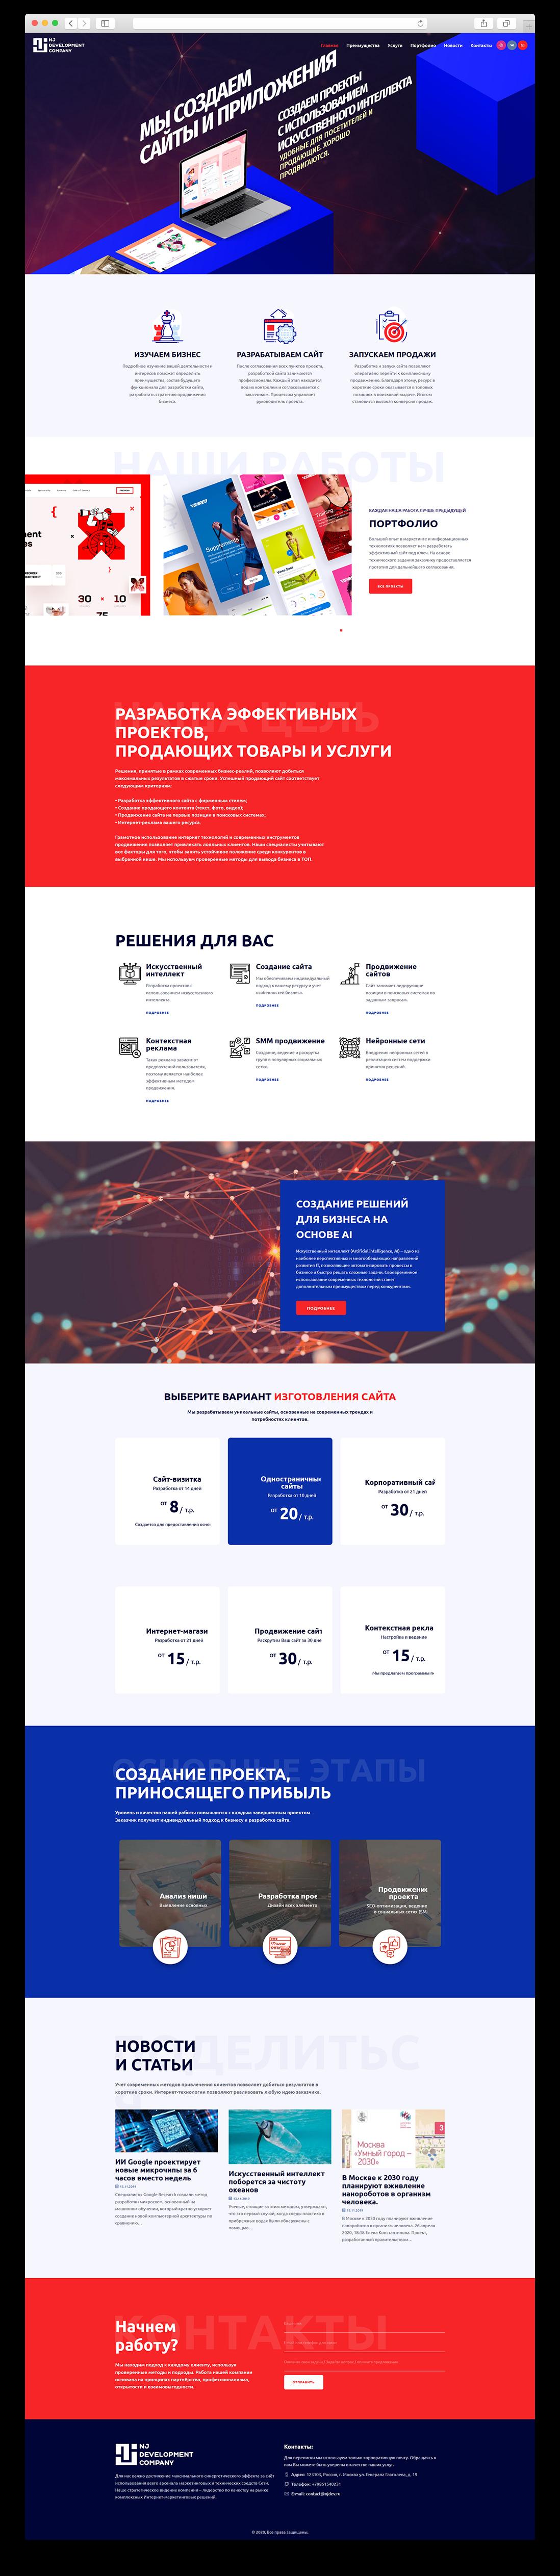 NJ dev – Студия разработки ПО, сайтов и искусственного интеллекта